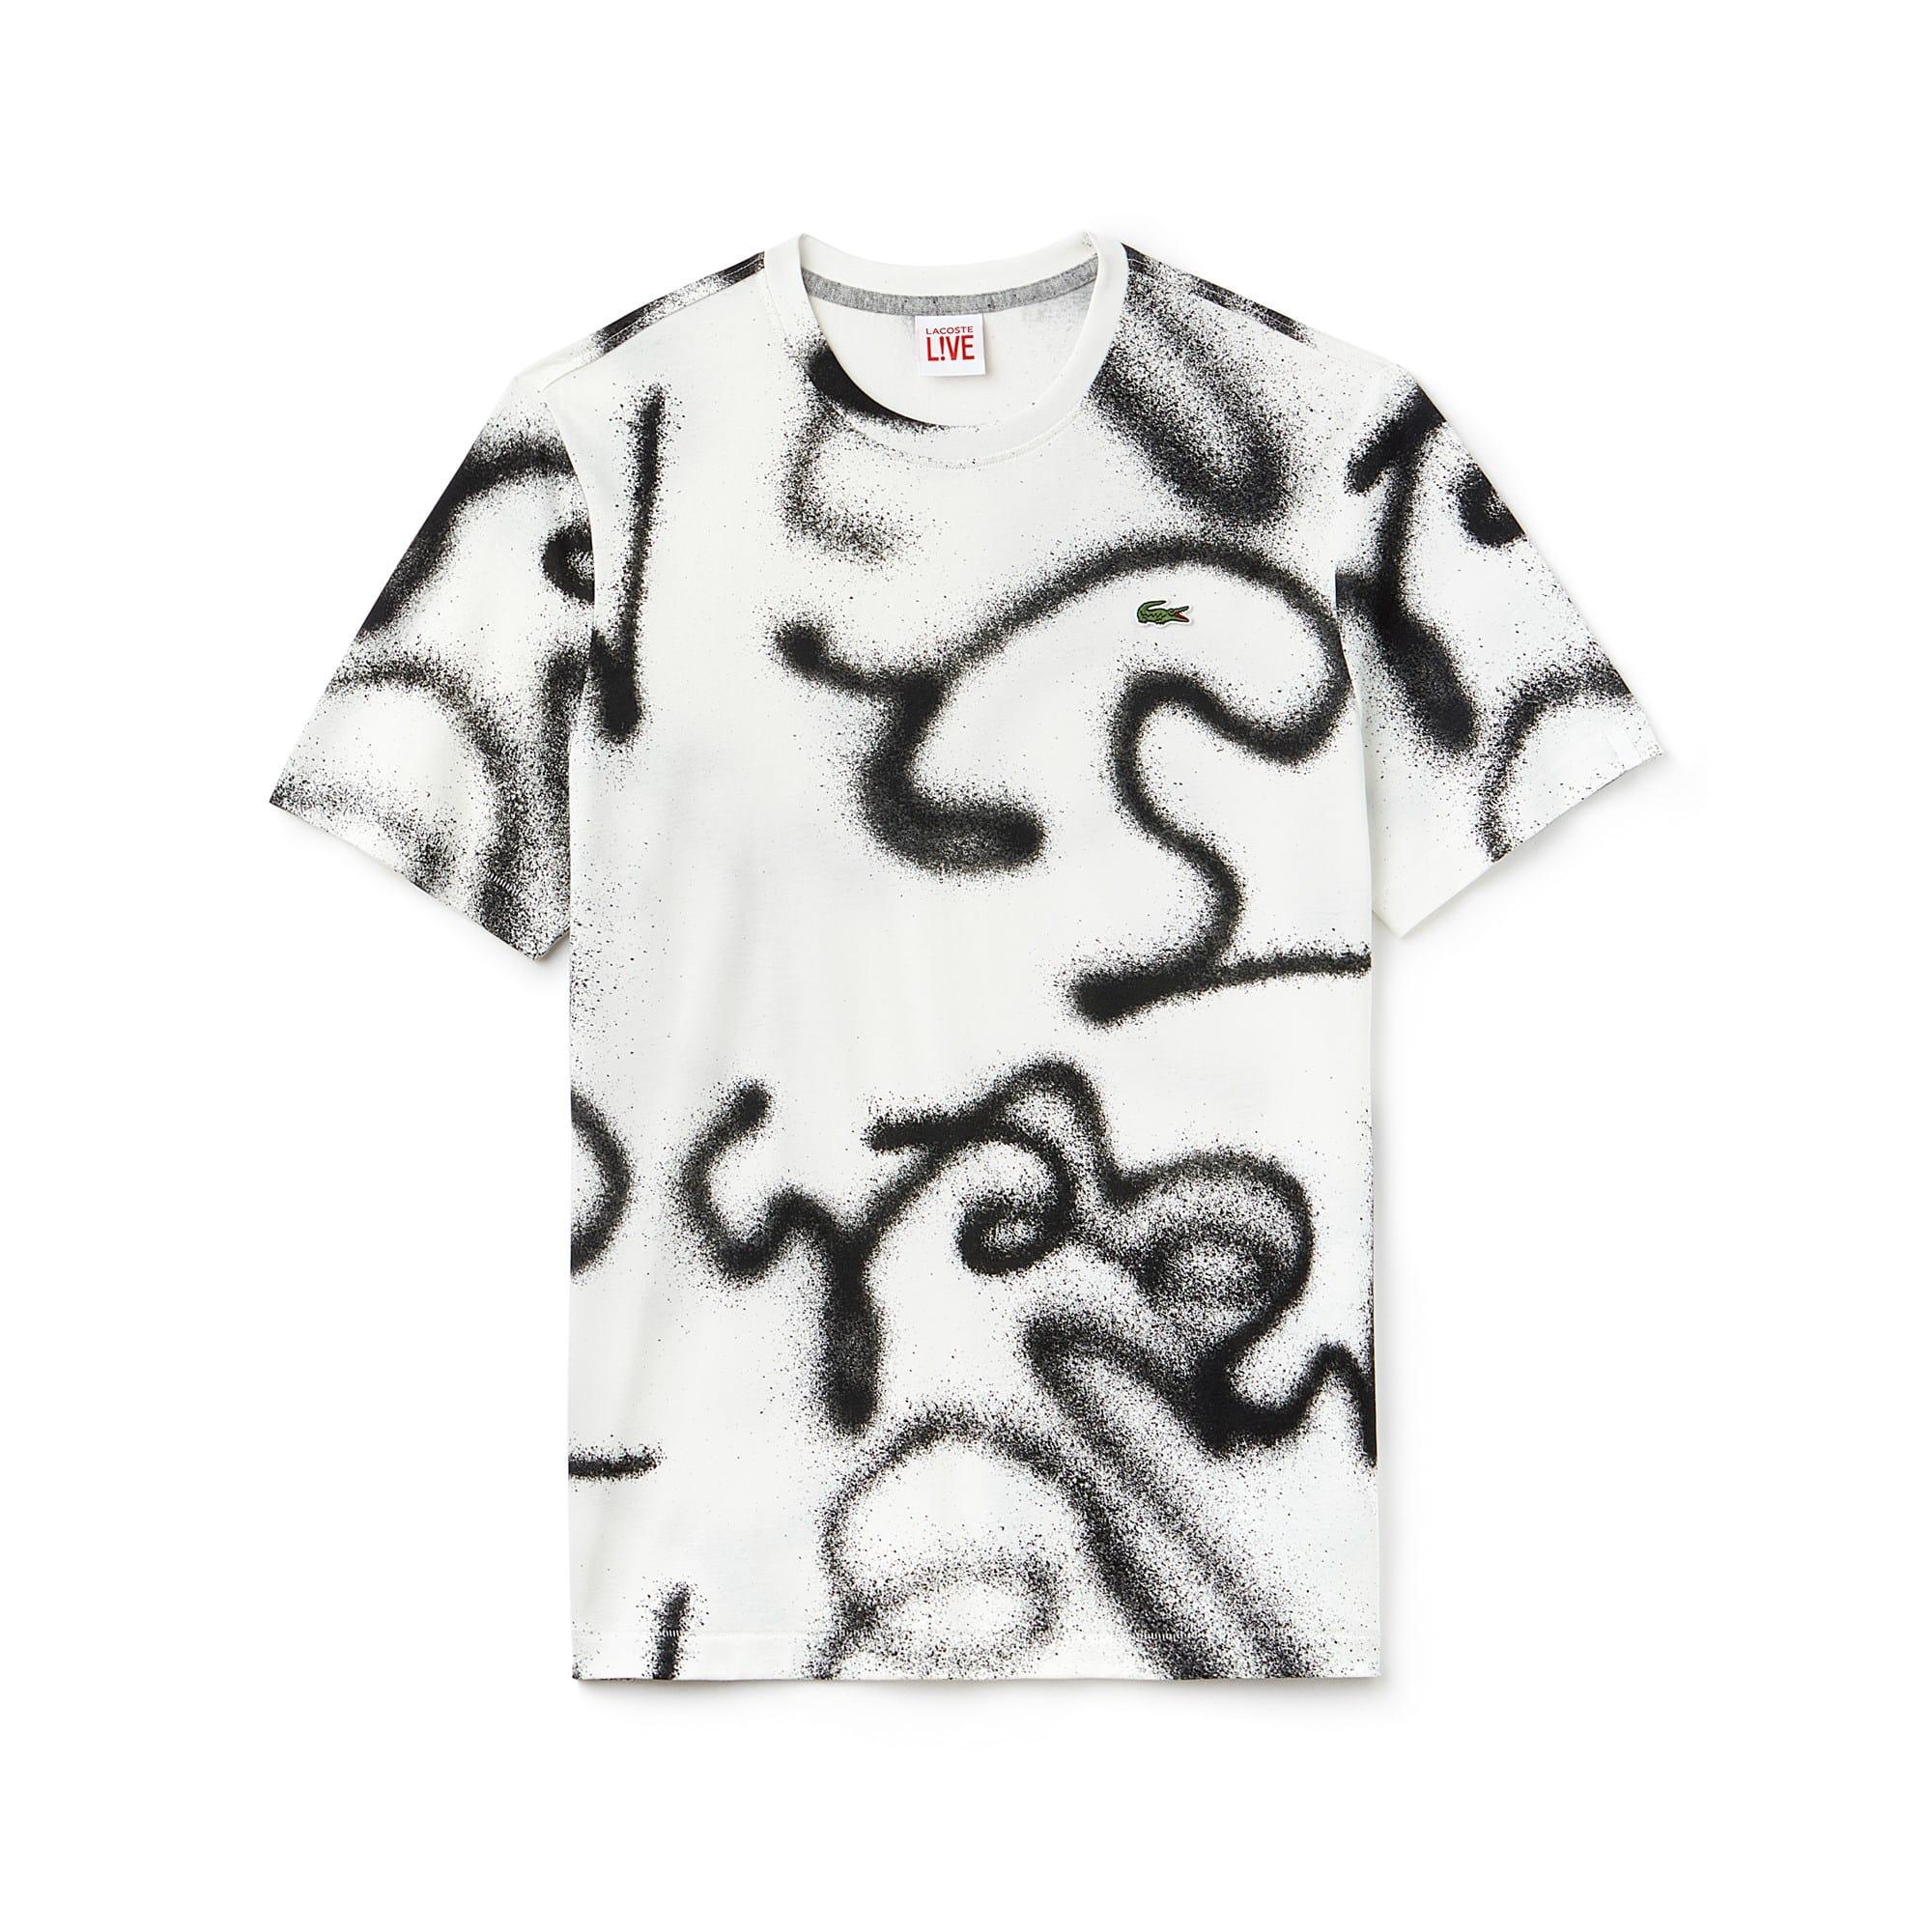 T-shirt col rond Lacoste LIVE en jersey imprimé graffitis